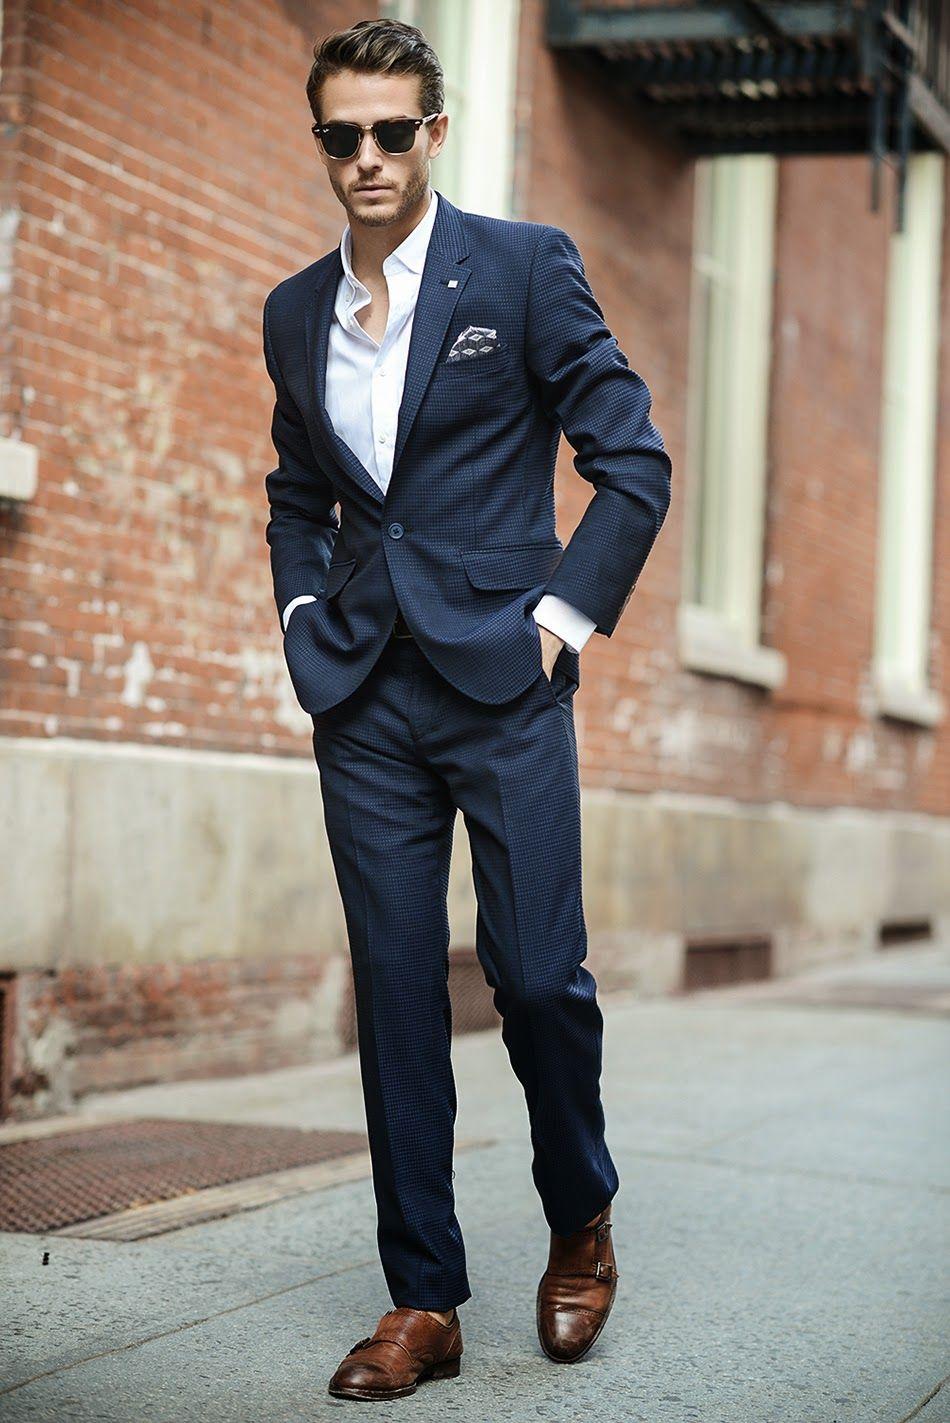 c6320d59 Navy suit, white dress shirt, brown monk strap shoes | Men's outfit ...